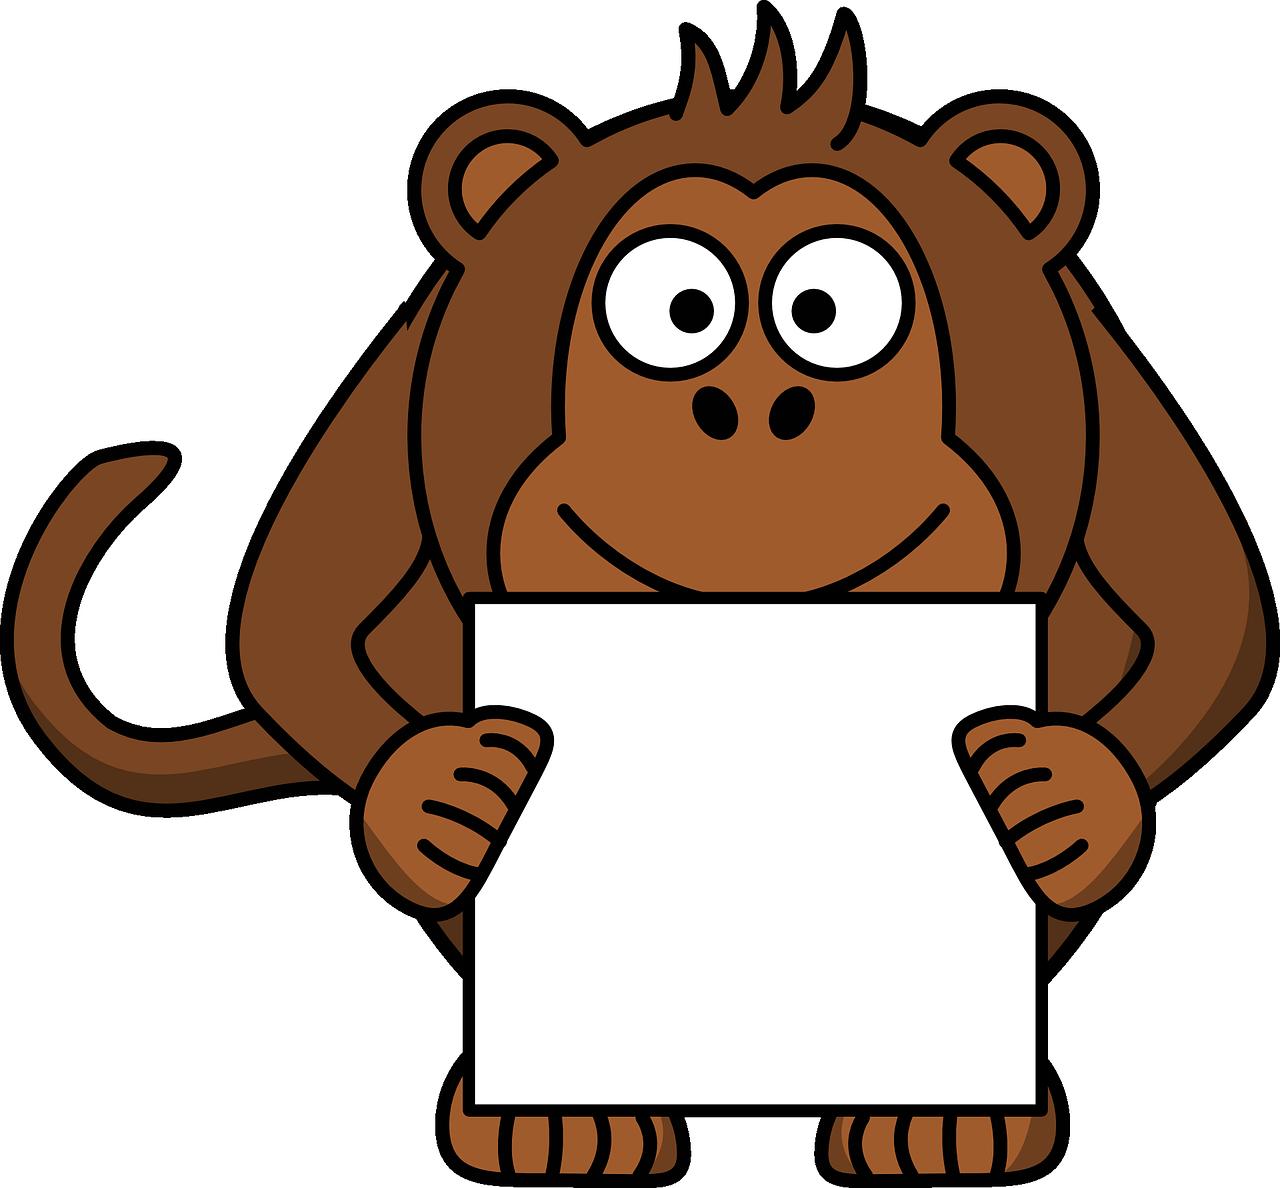 monkey-161227_1280